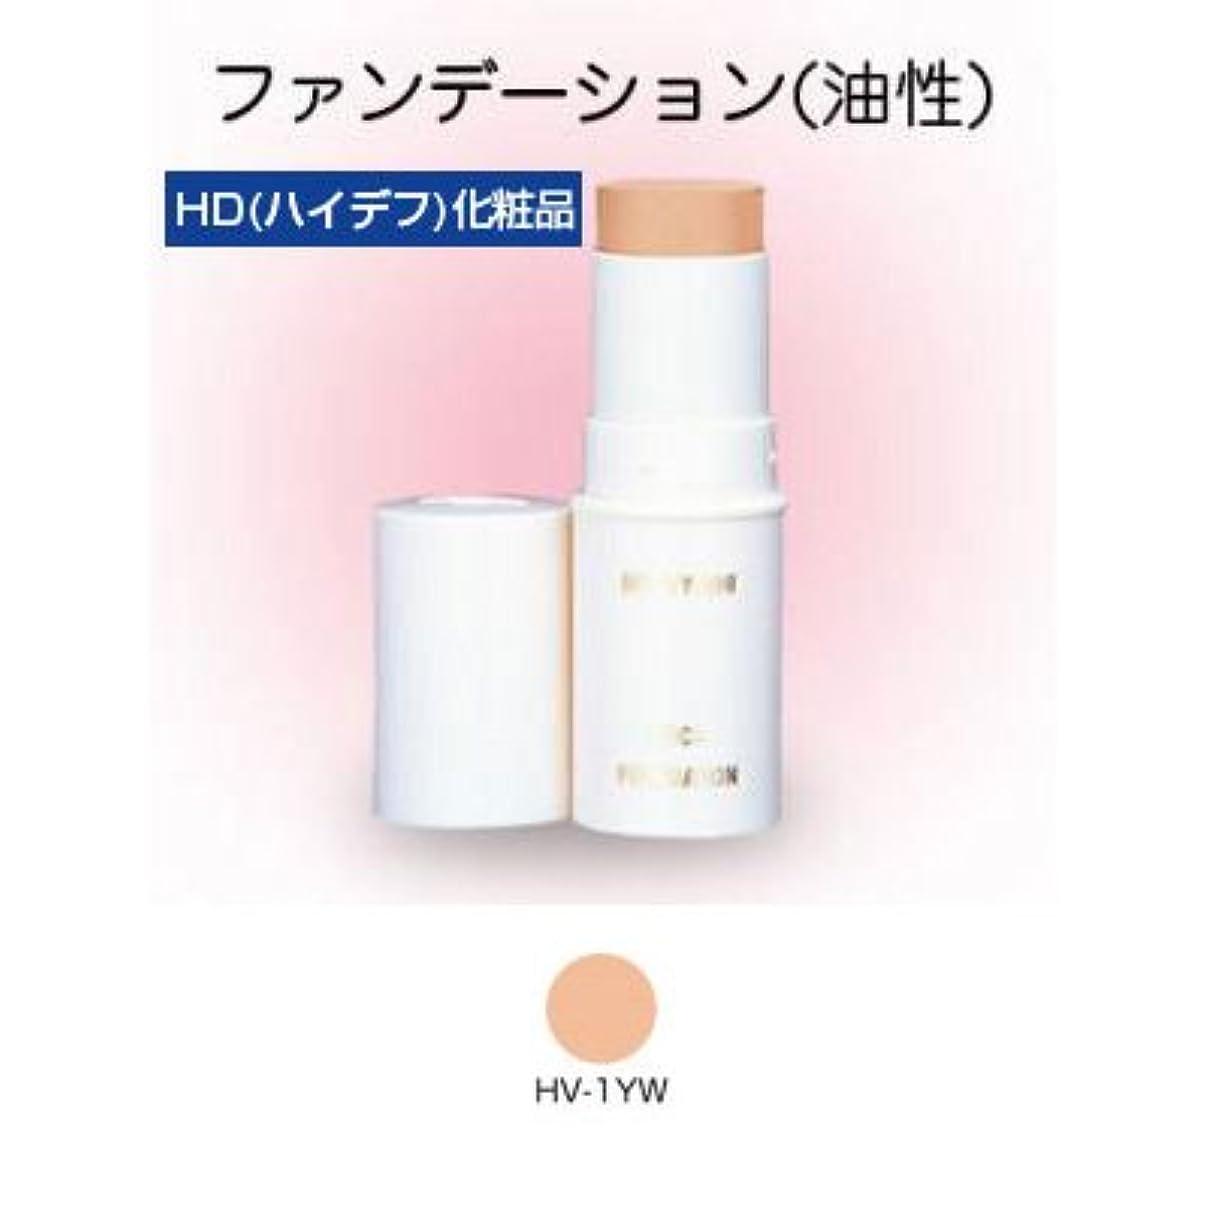 確実航海真鍮スティックファンデーション HD化粧品 17g 1YW 【三善】